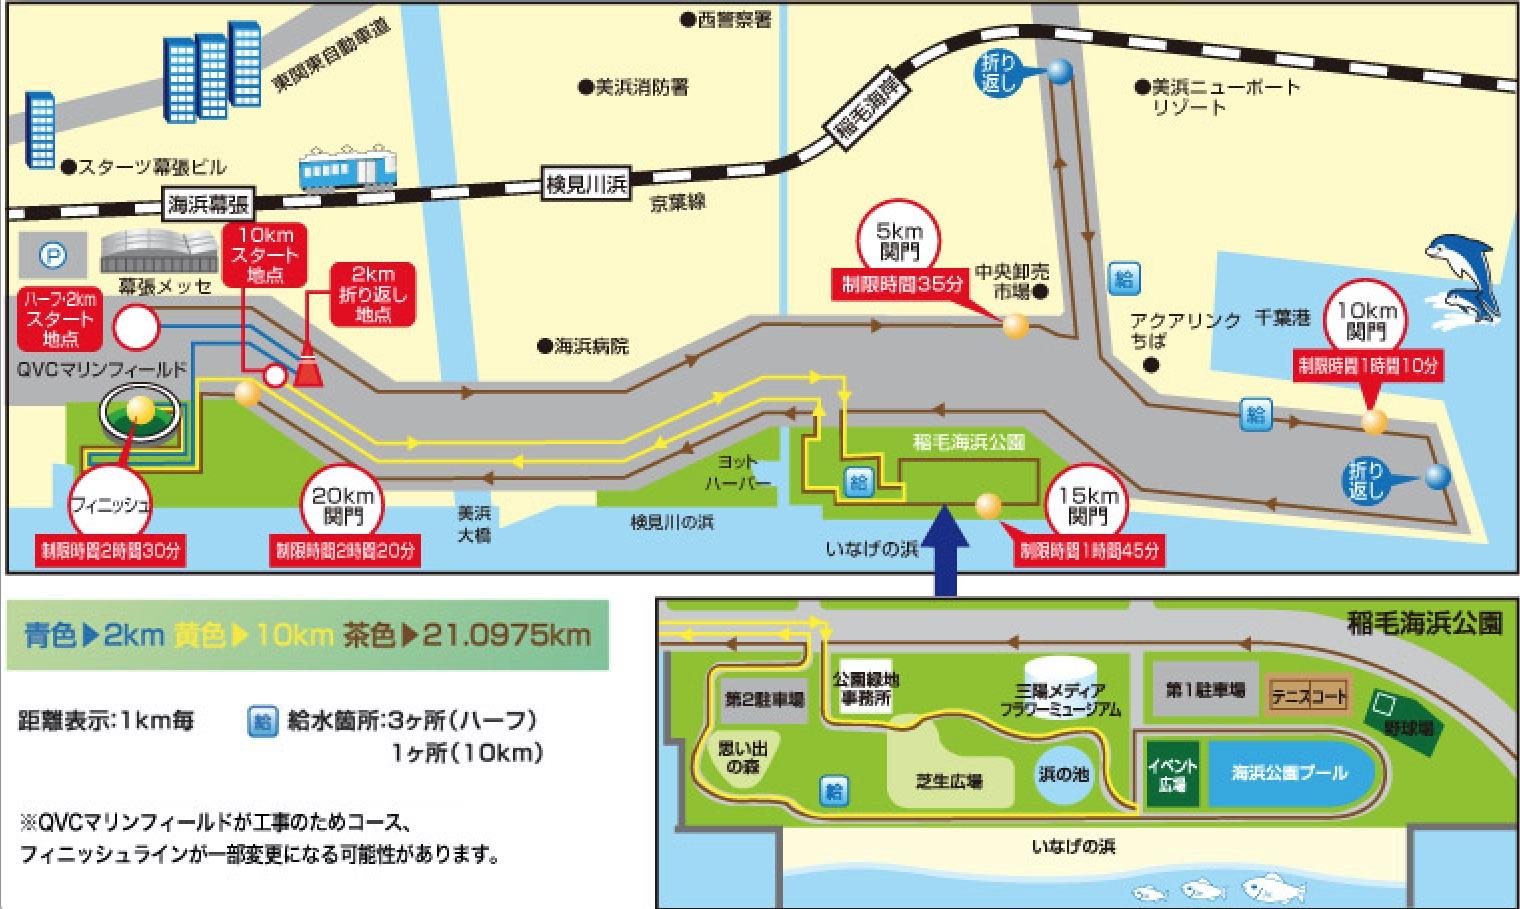 千葉マリンマラソンのコース